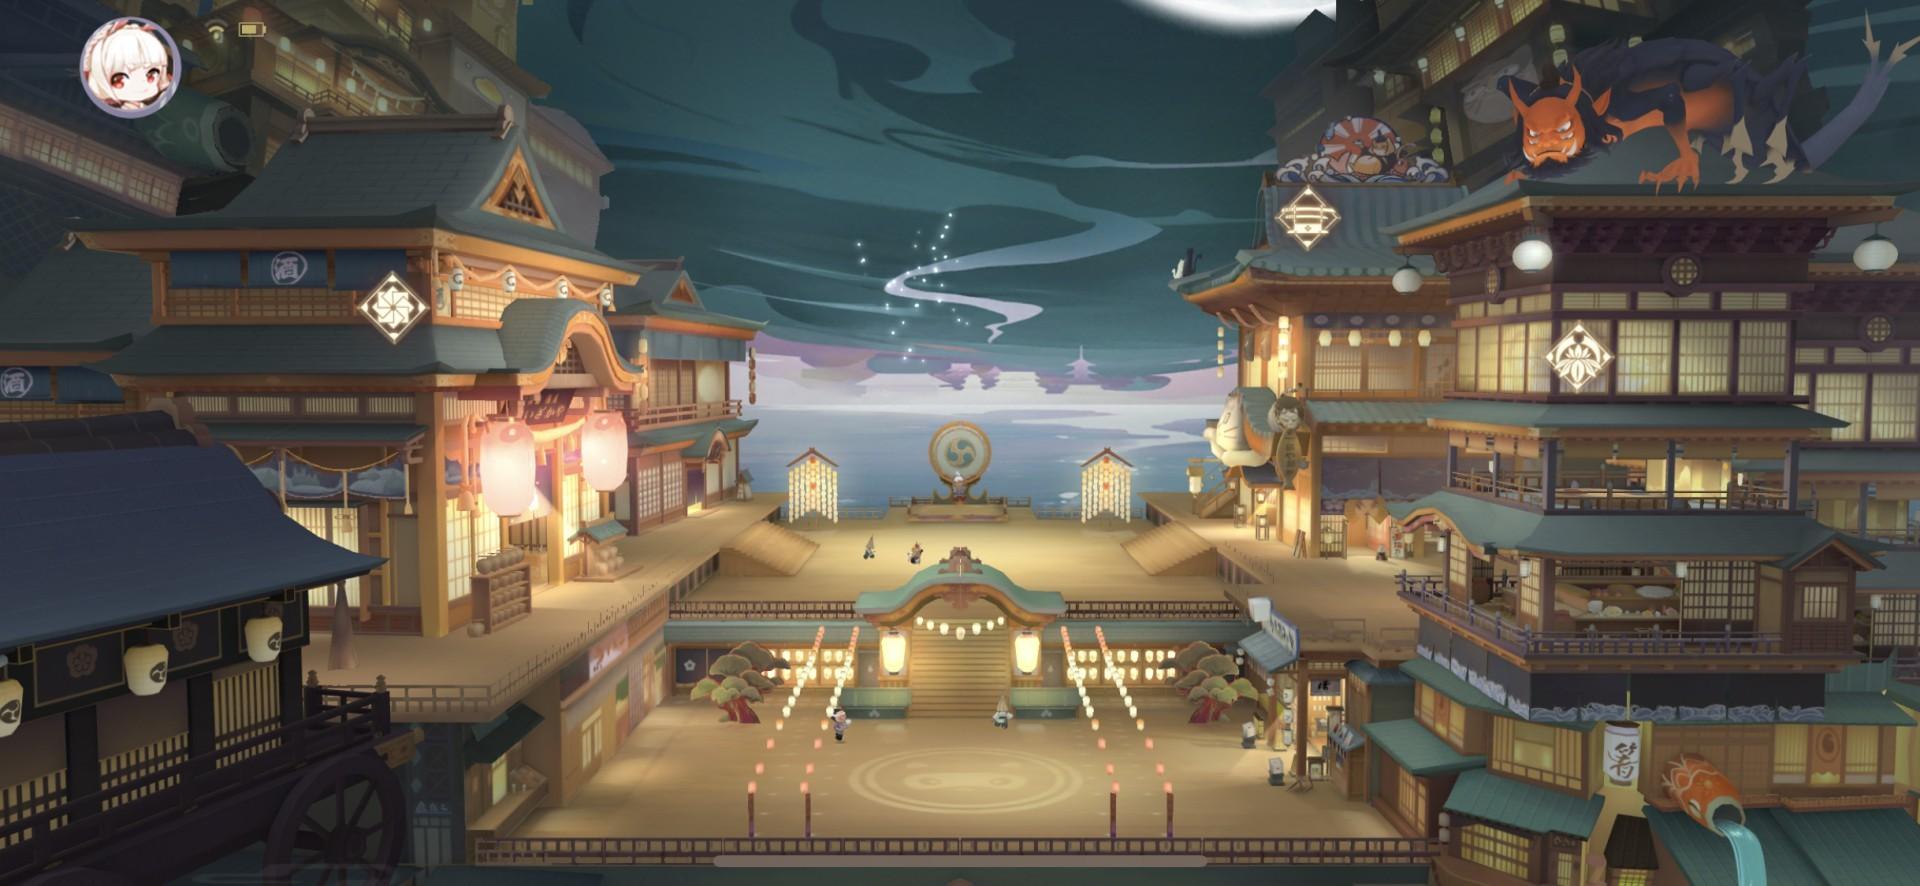 网易神秘新作《代号SSR》宣传图 唯美和风设计升级[多图]图片9